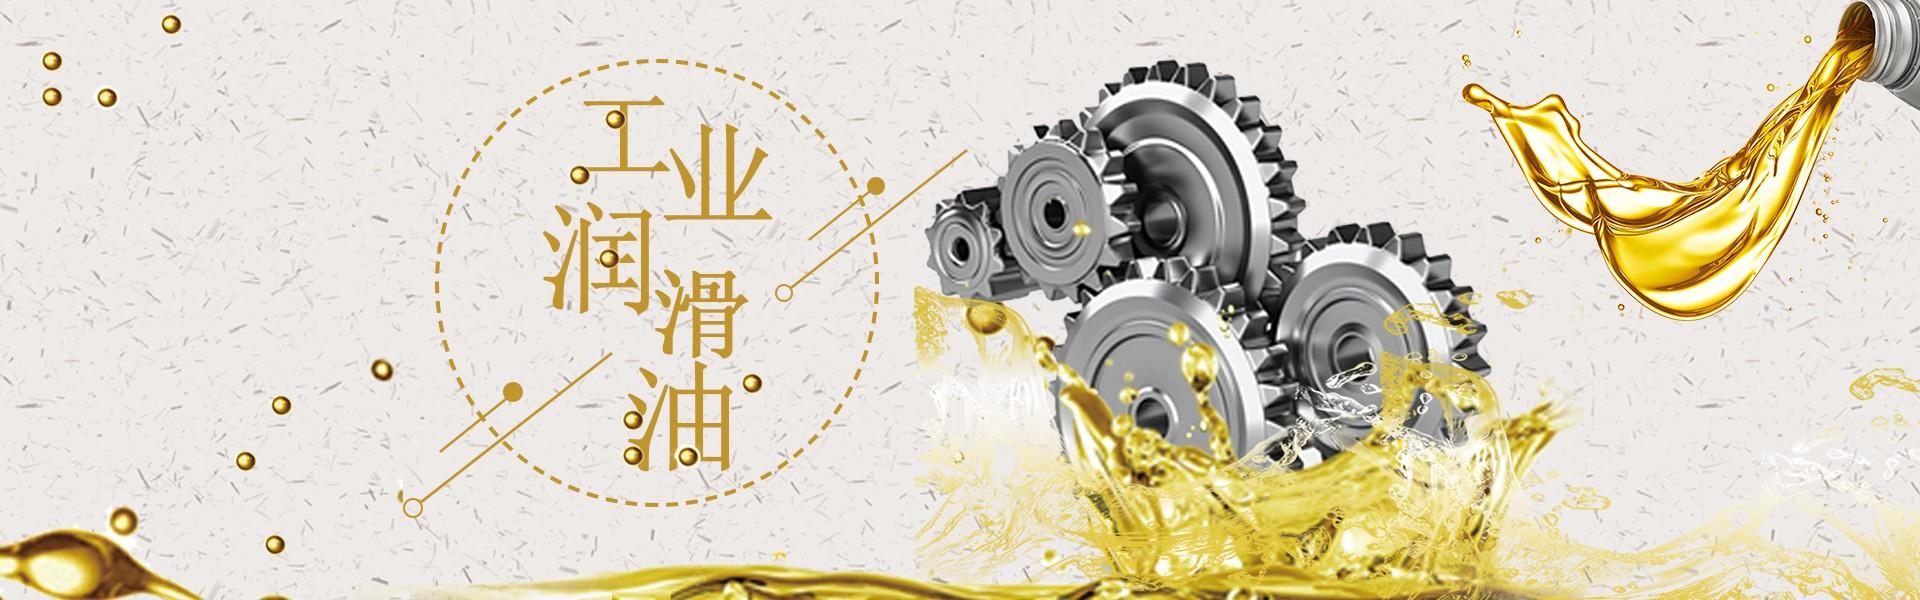 食品级润滑油的功能和使用范围